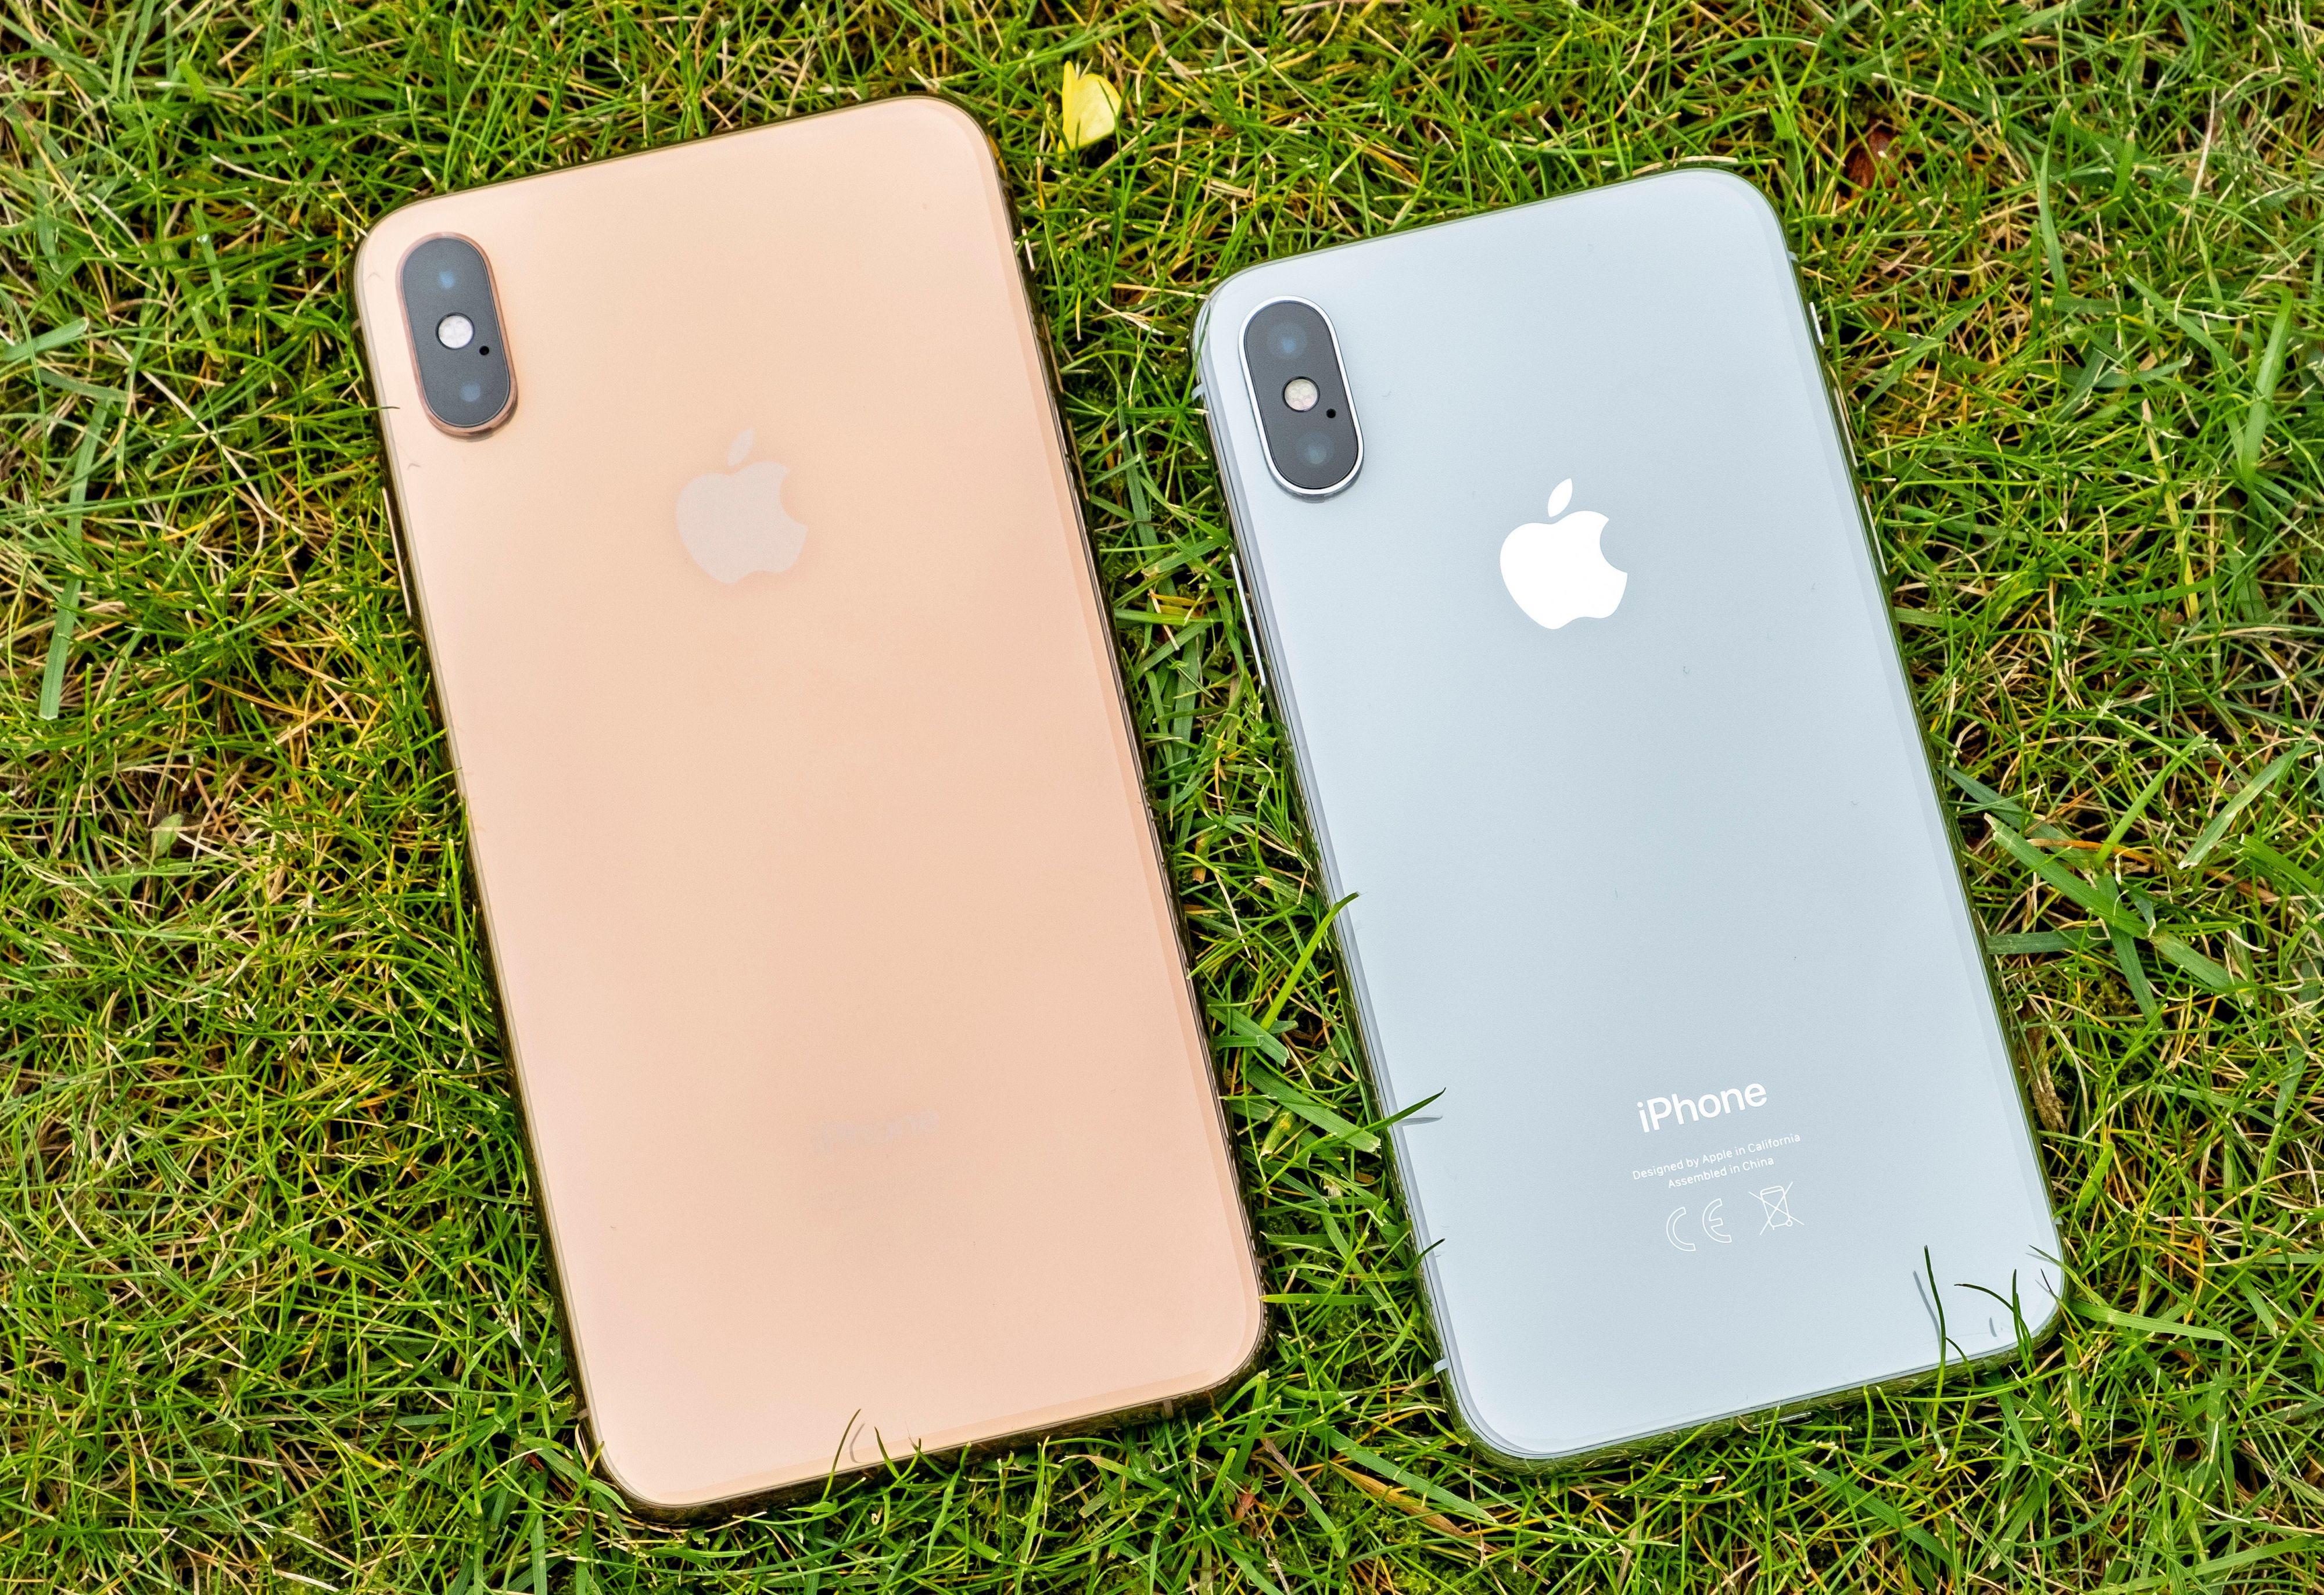 Så langt er det dobbelt kamera på baksiden av iPhonene i X og Xs-serien. Bilde: Finn Jarle Kvalheim, Tek.no